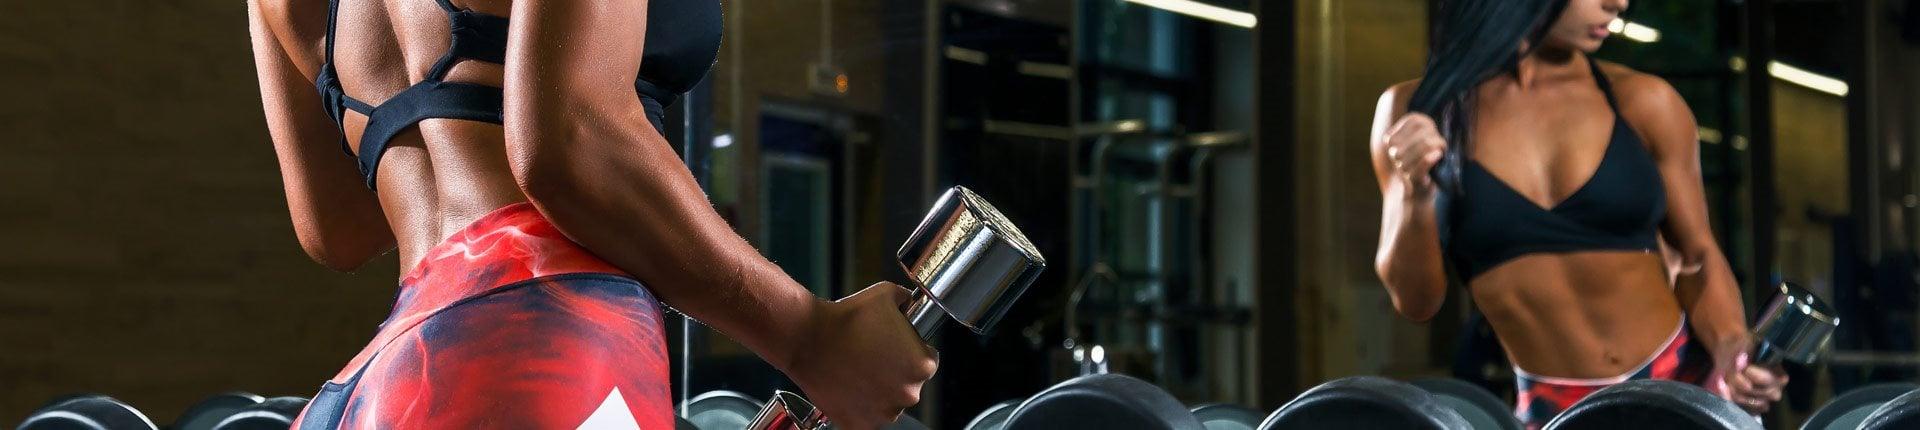 Najlepszy trening na odchudzanie. Dlaczego spalanie tłuszczu jest takie trudne?